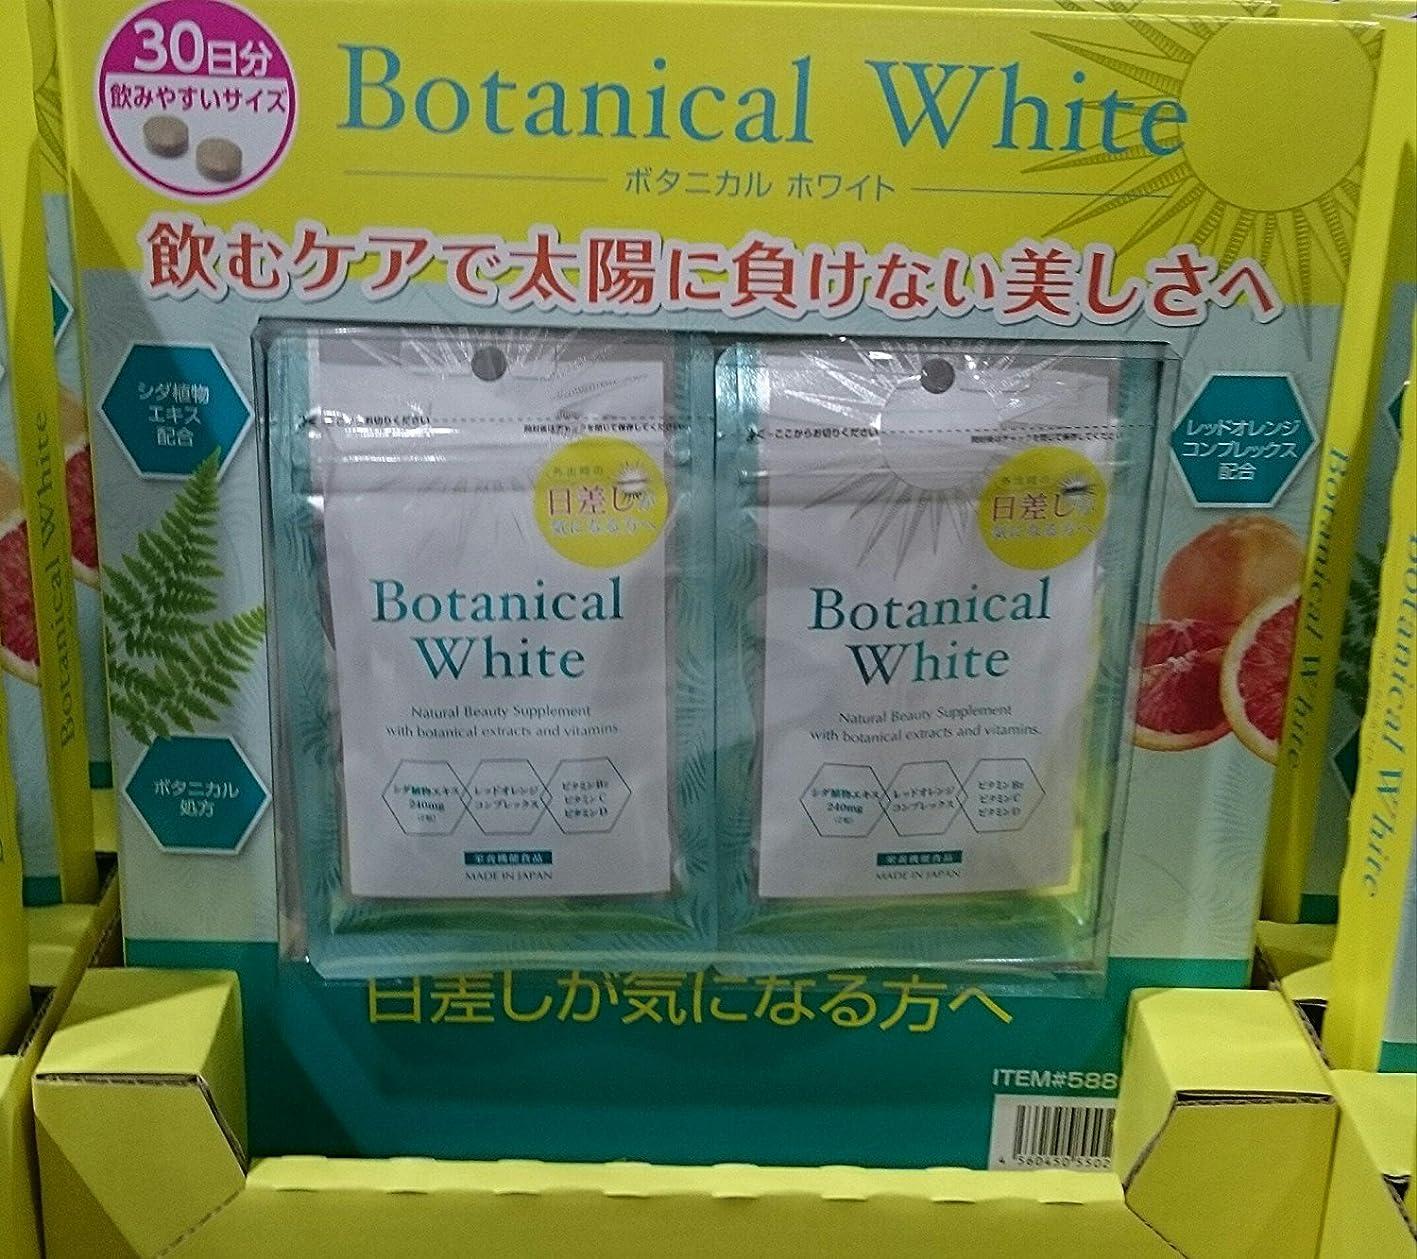 大脳パレード構築するBotanical White(ボタニカル ホワイト)サプリメント 飲む日焼け止め 9.0g(300mg×30粒)x2セット